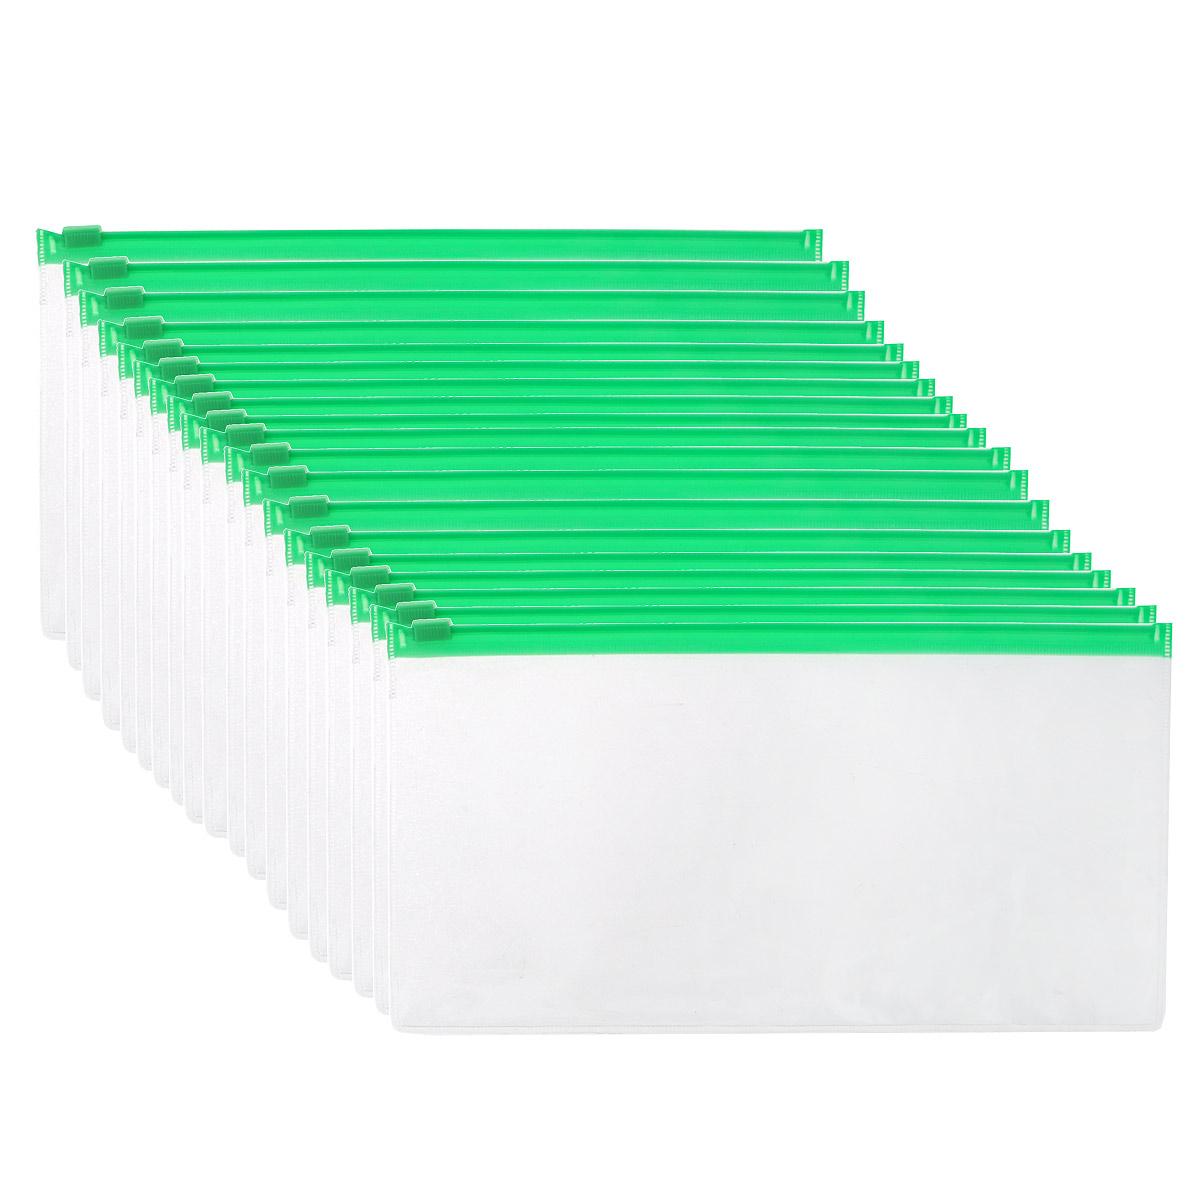 Папка-конверт Centrum, на молнии пластиковая, евроформат А5, цвет: зеленый, 20 шт80027ОКомпактная папка-конверт Centrum - это удобный и практичный офисный инструмент, предназначенный для хранения и транспортировки рабочих бумаг и документов евроформата А5. Папка изготовлена из прозрачного пластика, закрывается на практичную застежку-молнию, имеет опрятный и неброский вид. В комплект входят 20 папок евроформата А5. Папка-конверт - это незаменимый атрибут для студента, школьника, офисного работника. Такая папка надежно сохранит ваши документы и сбережет их от повреждений, пыли и влаги.